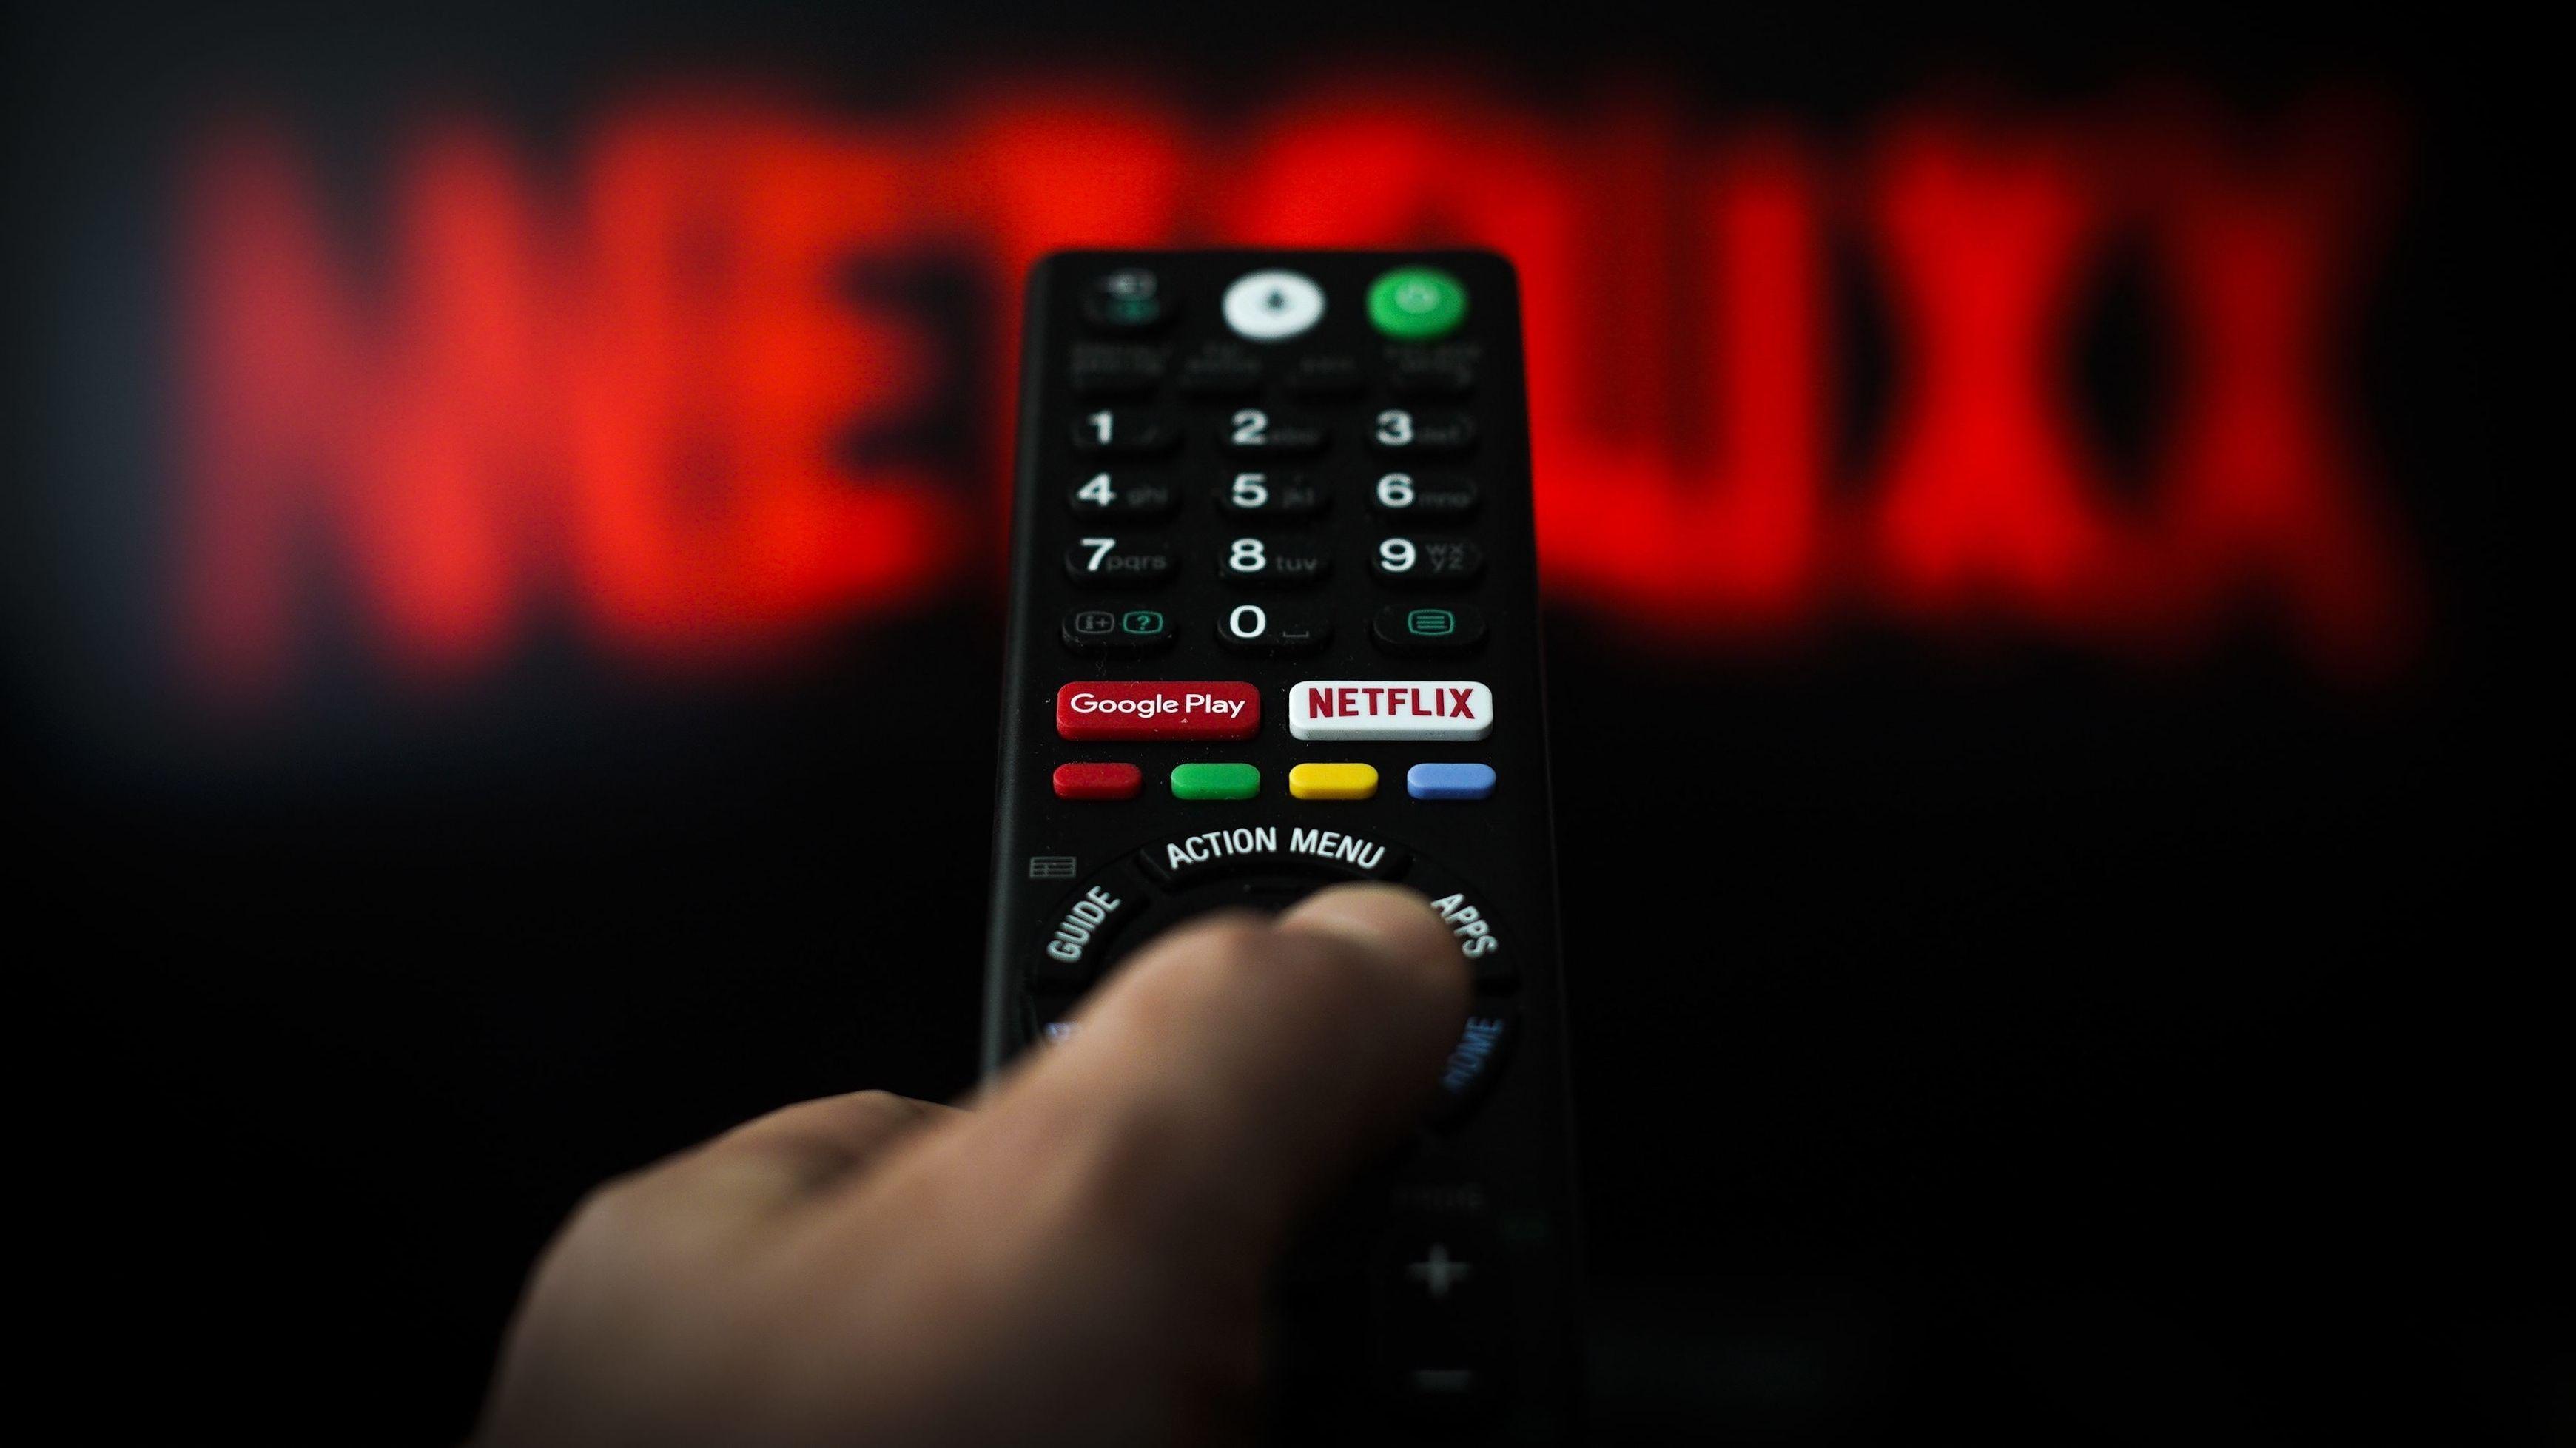 Fernbedienung mit Netflix-Button